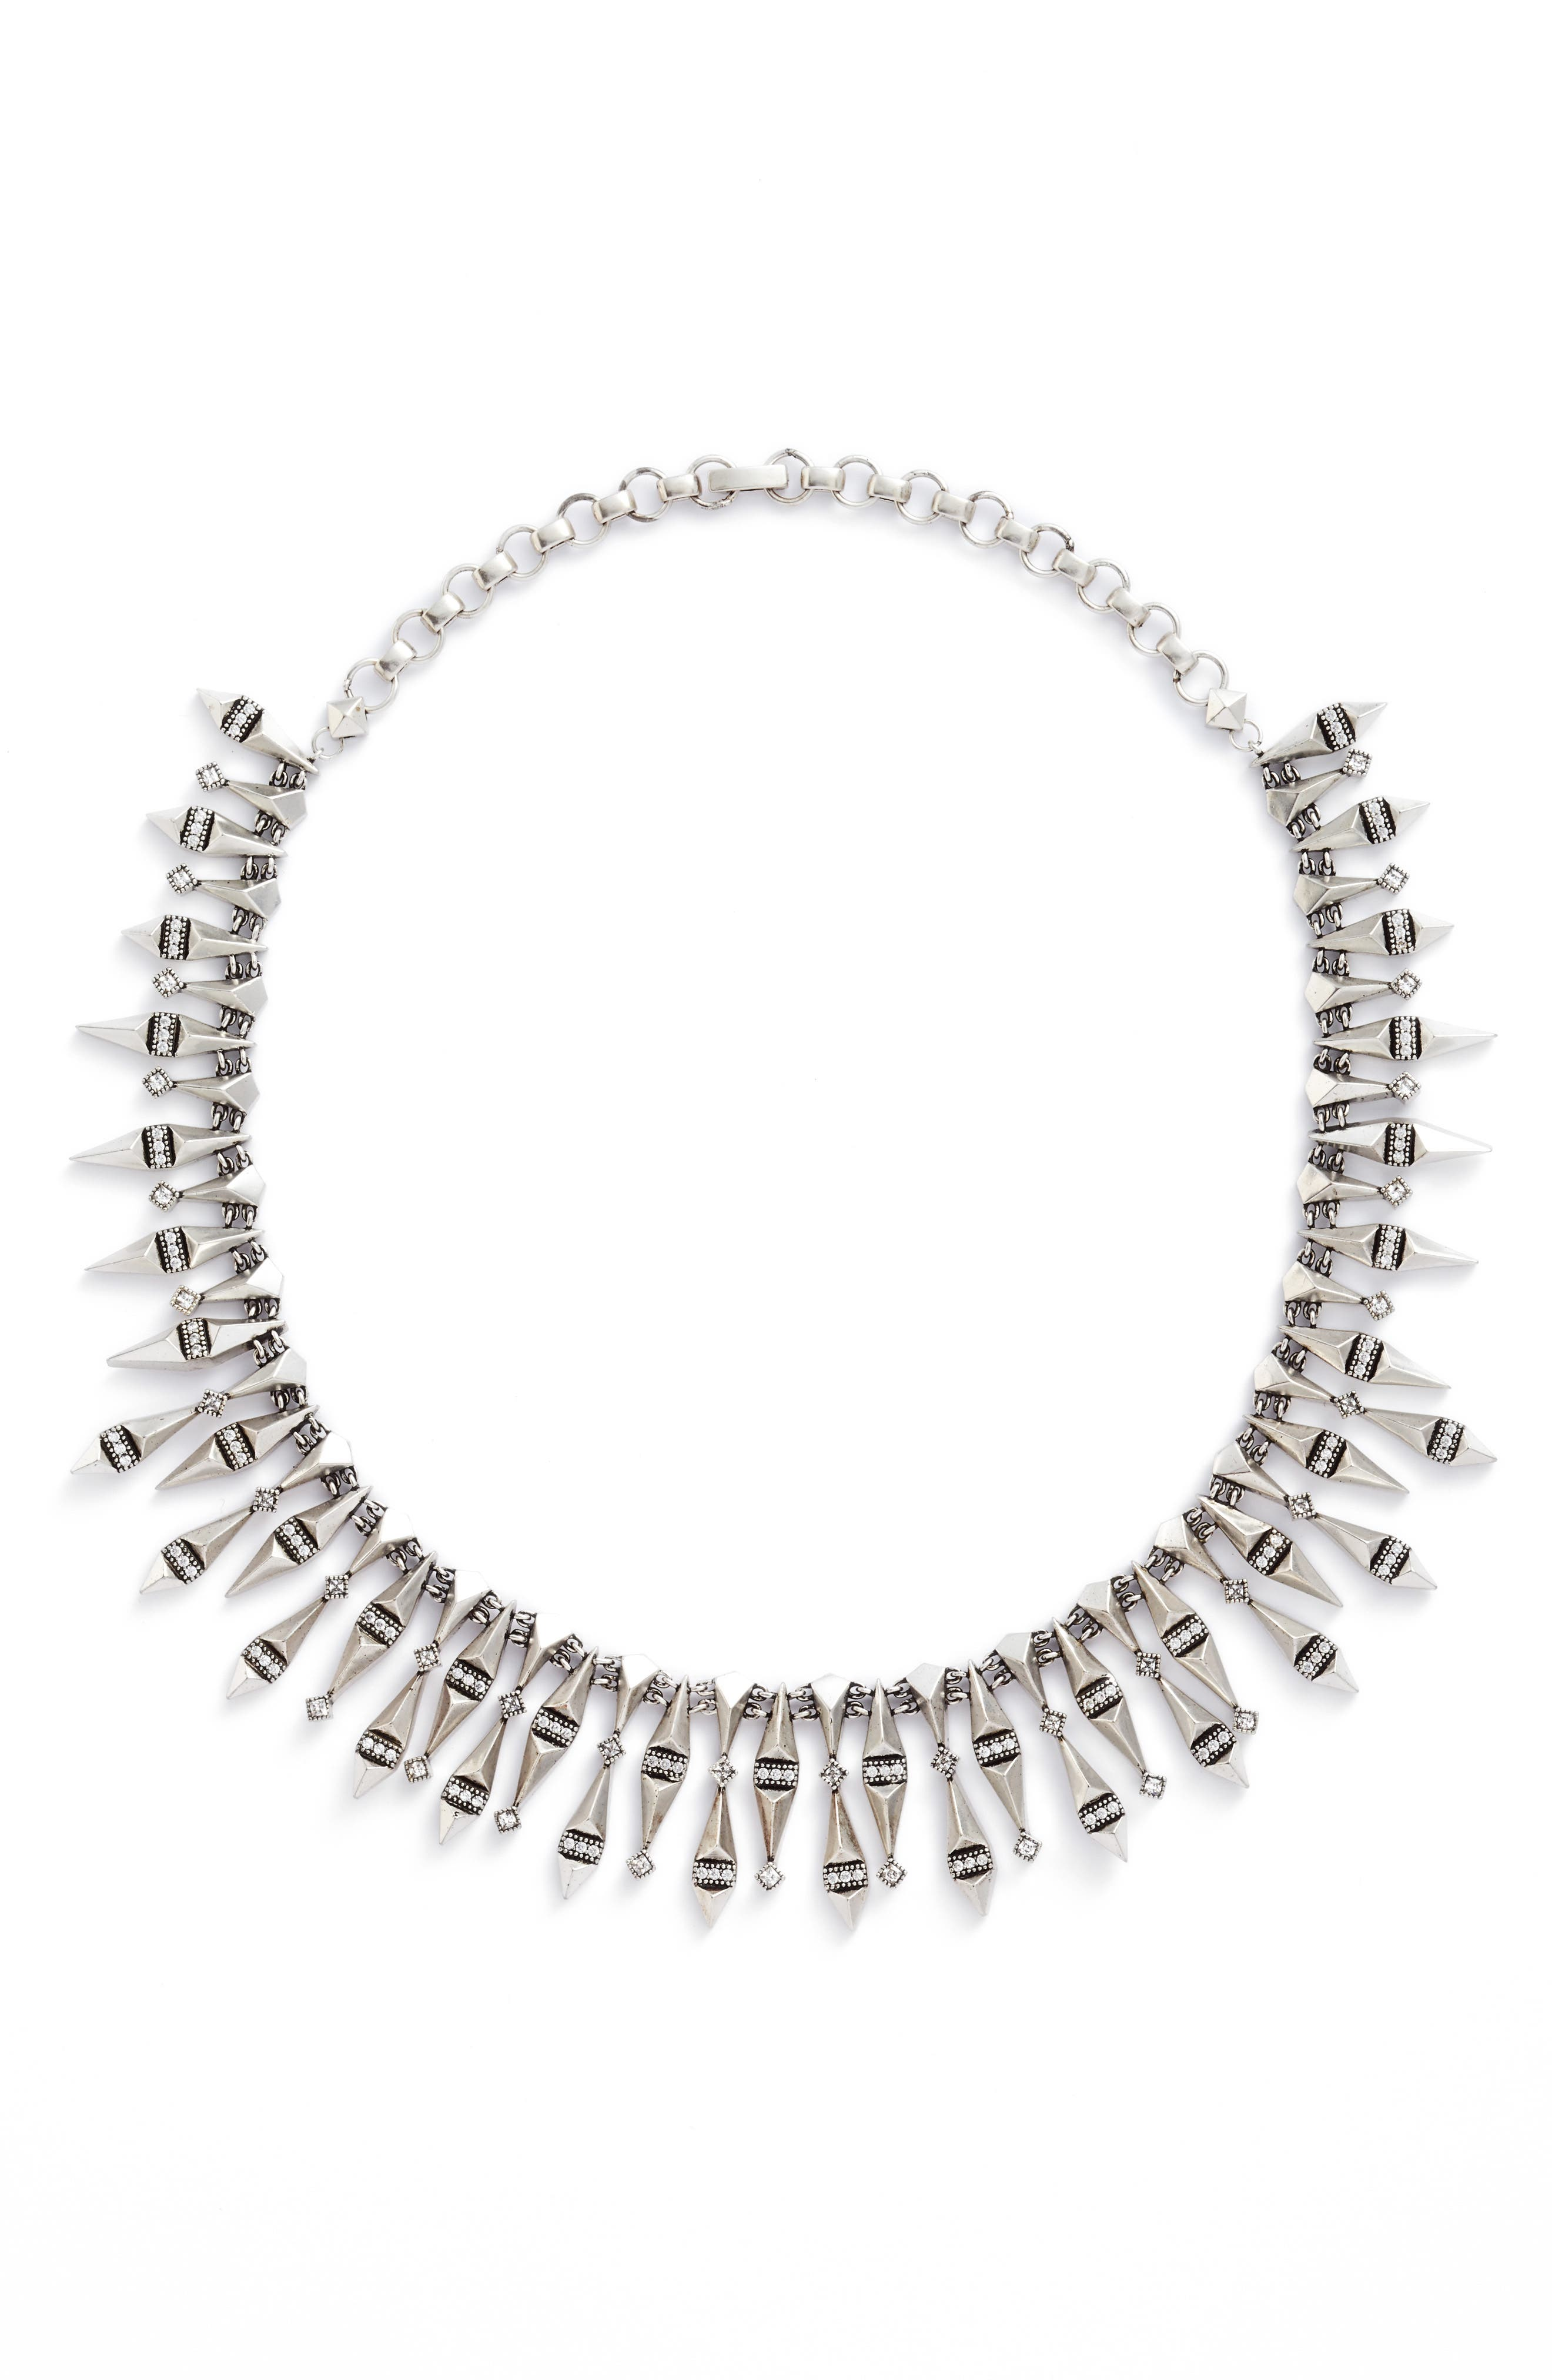 Cici Collar Necklace,                             Main thumbnail 1, color,                             Antique Silver